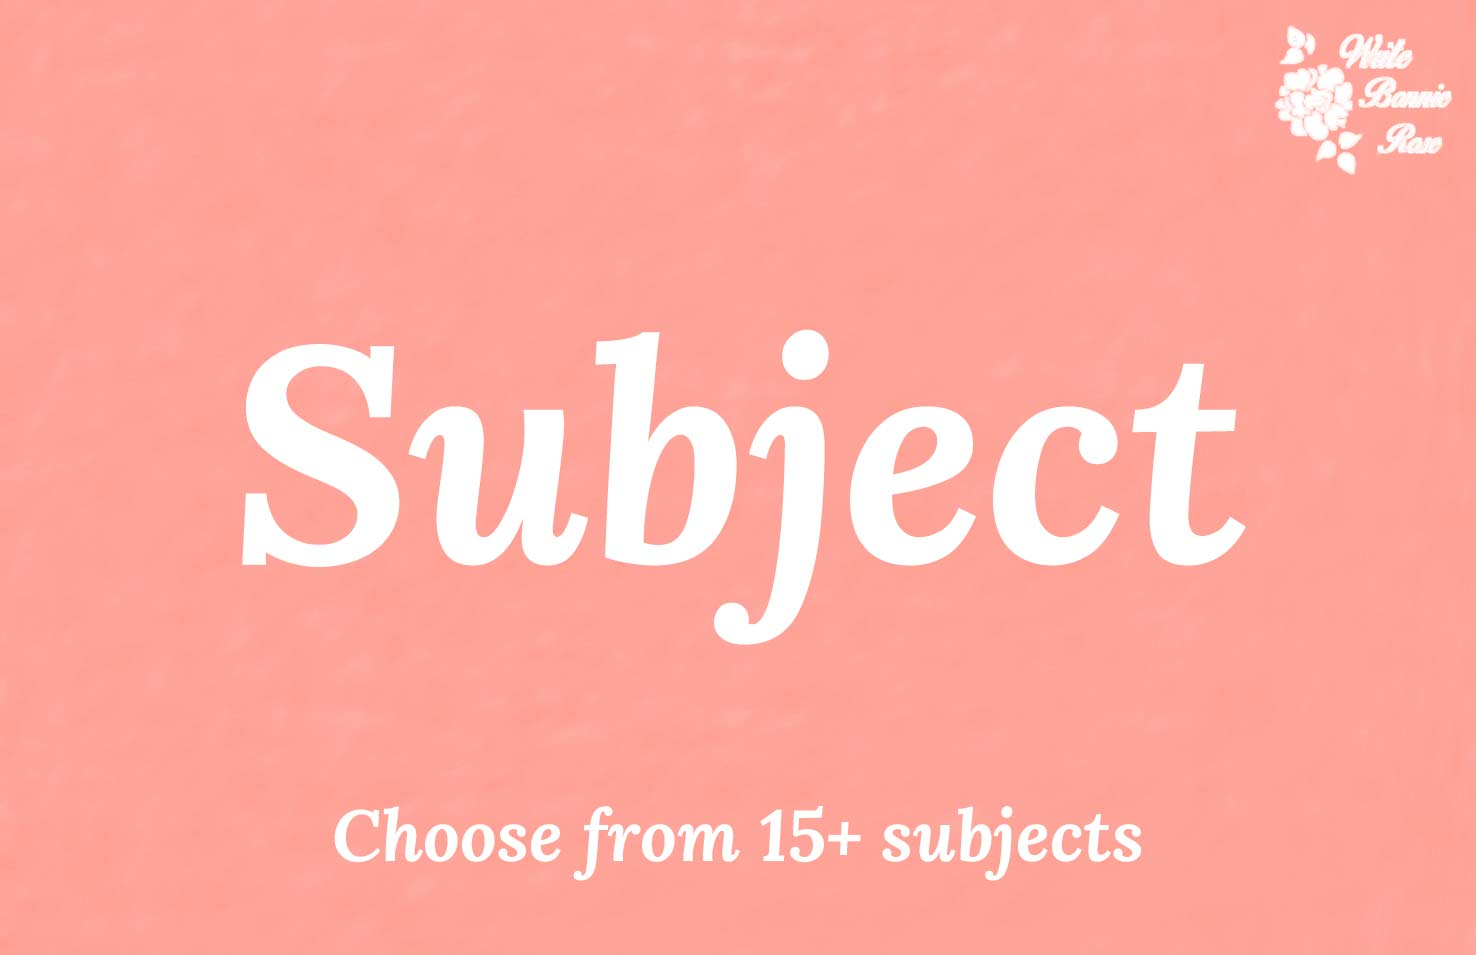 Subject